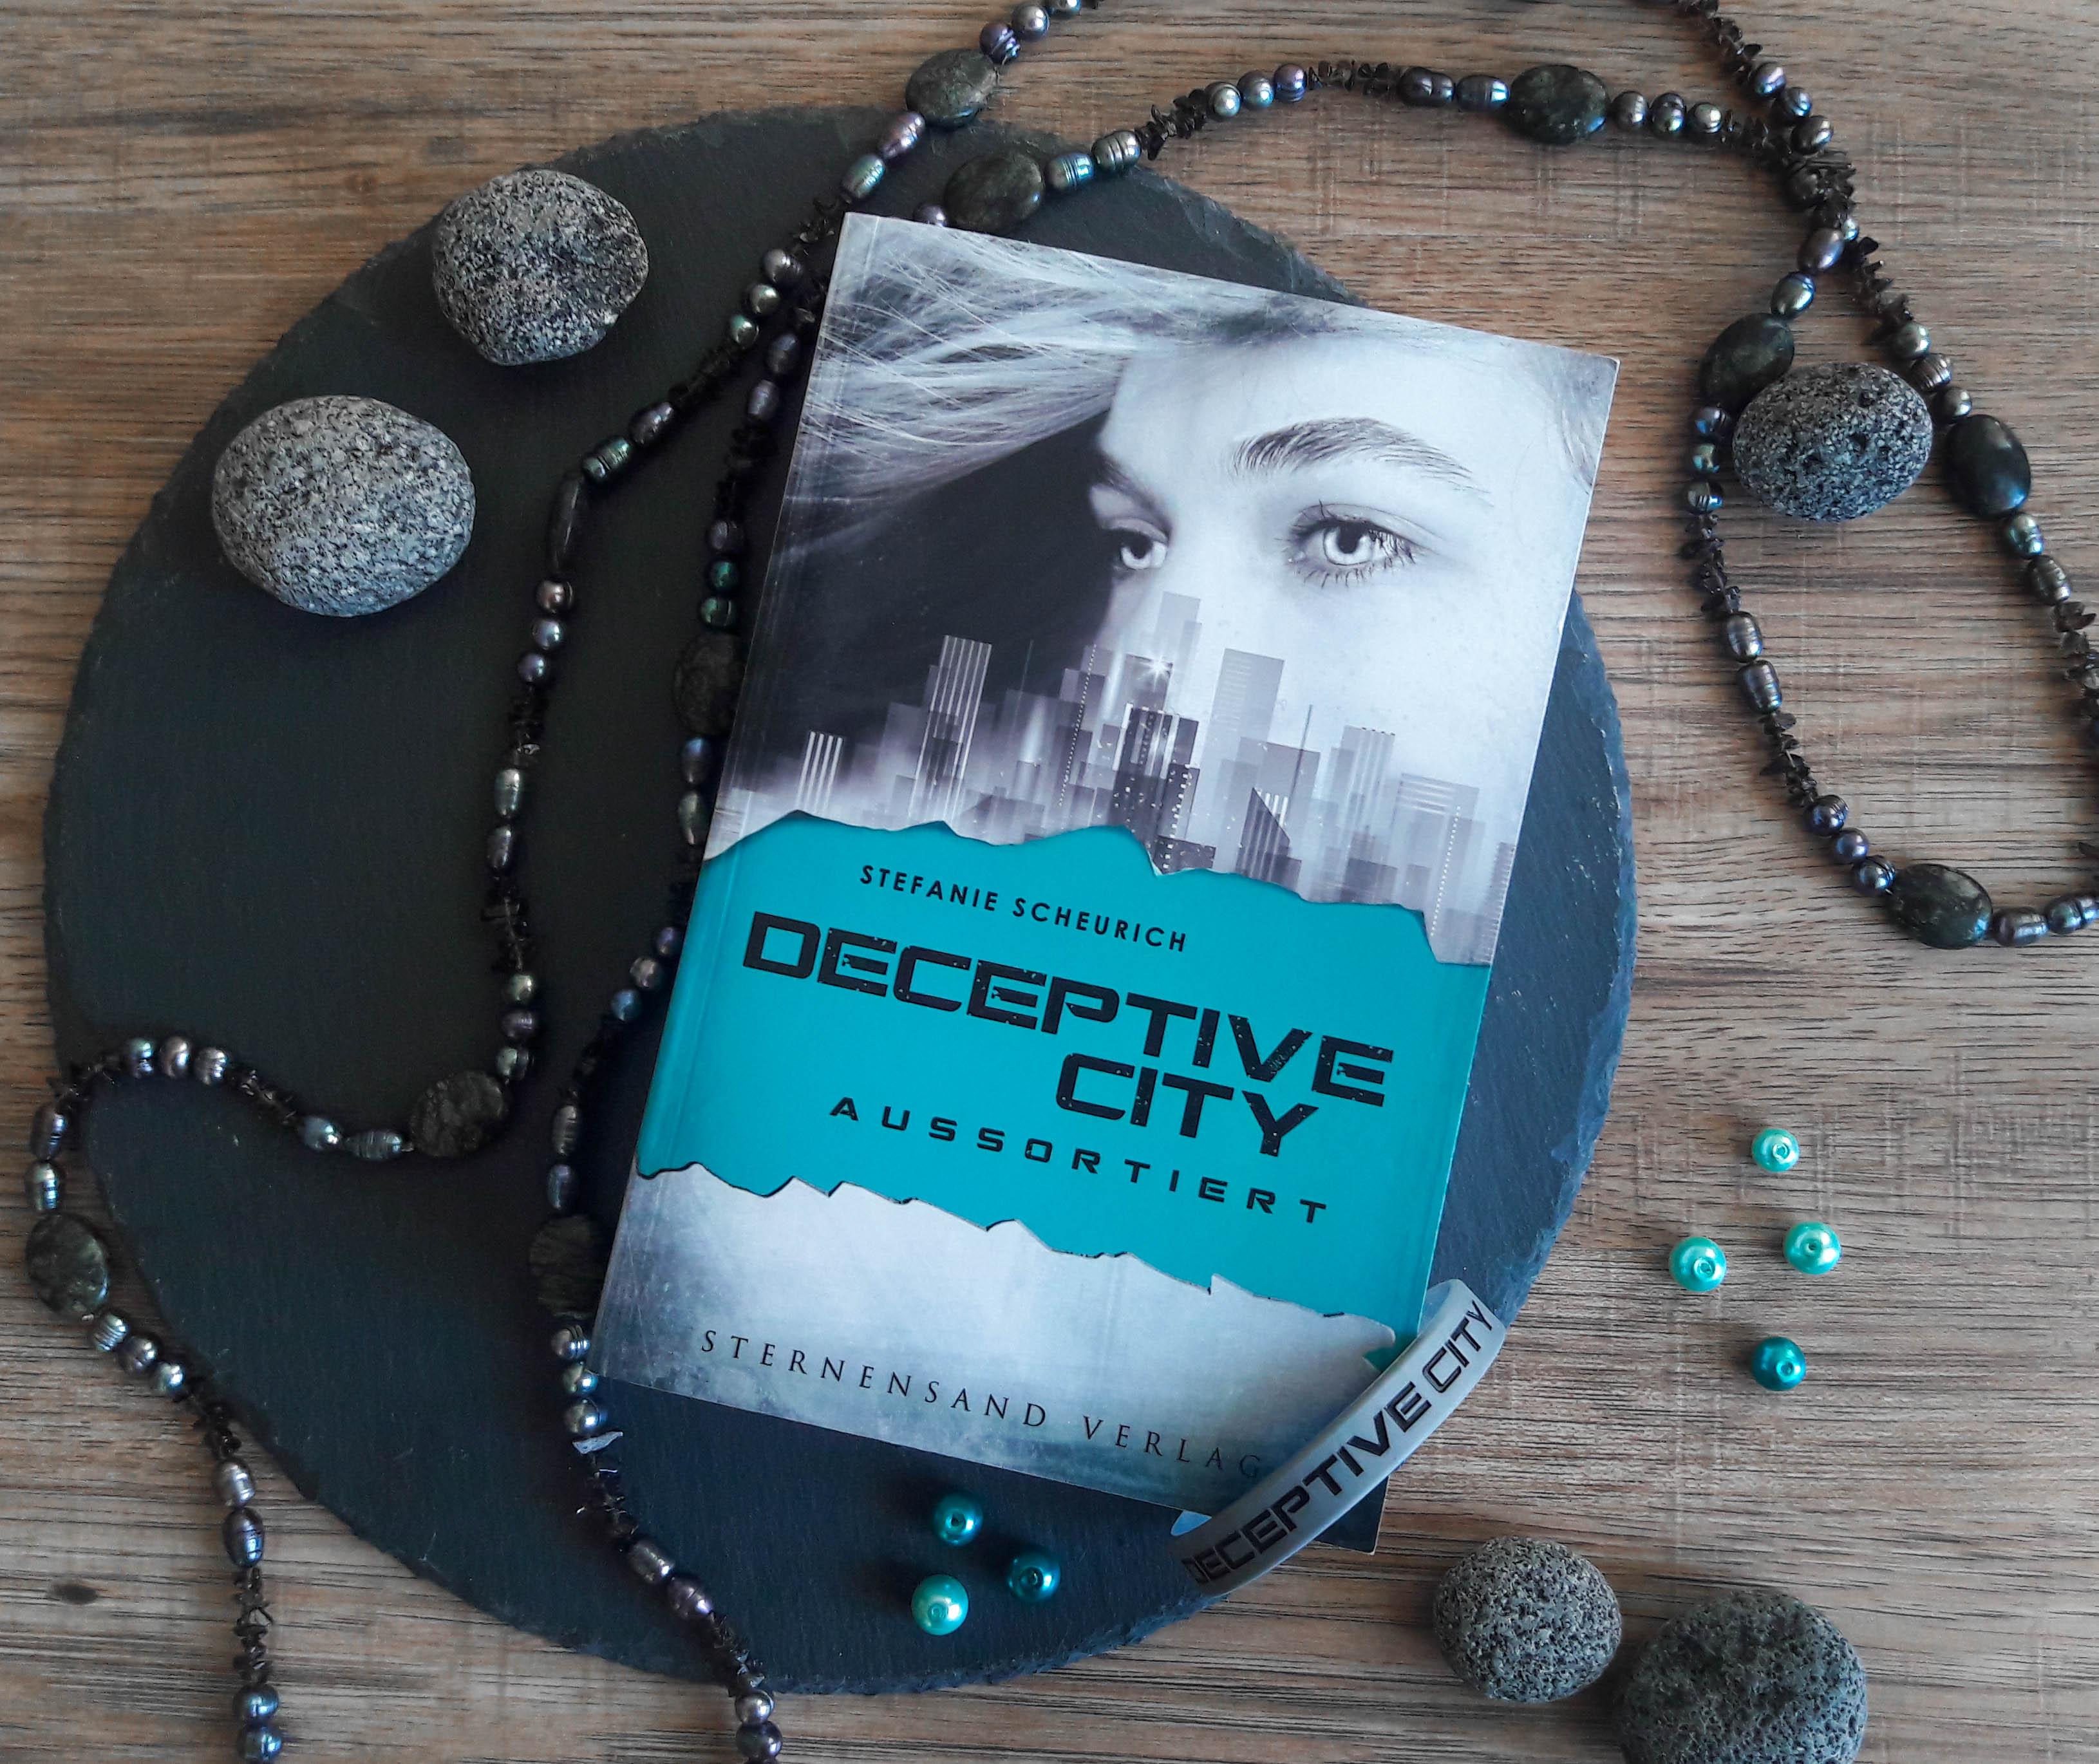 Deceptive City: Aussortiert – Stefanie Scheurich graphic